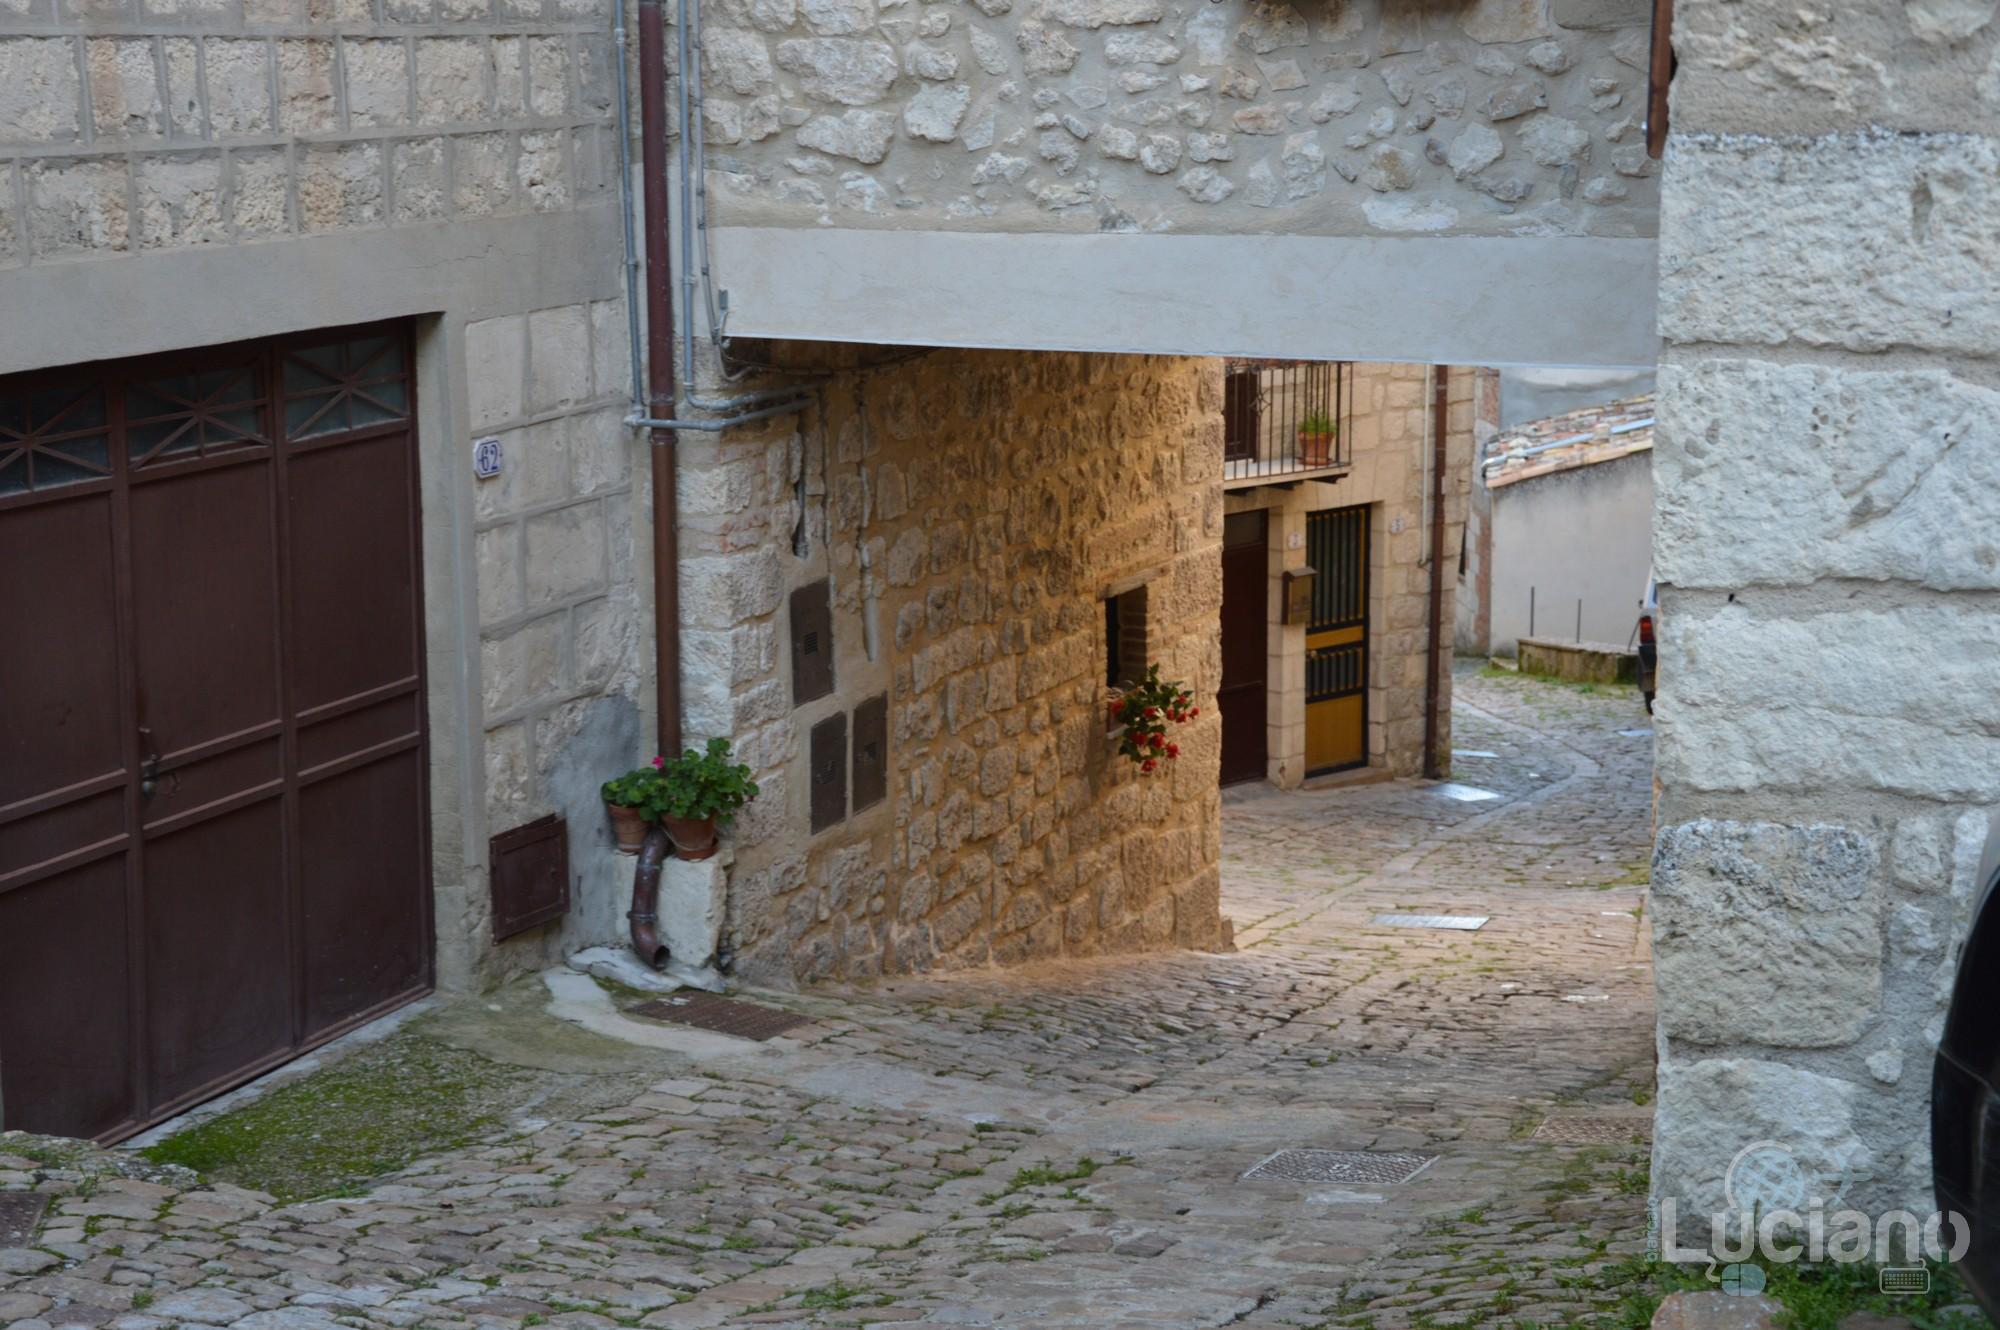 In giro per il borgo di Petralia Soprana - Palermo -  I Borghi più belli d'Italia - Borgo più bello d'Italia 2018